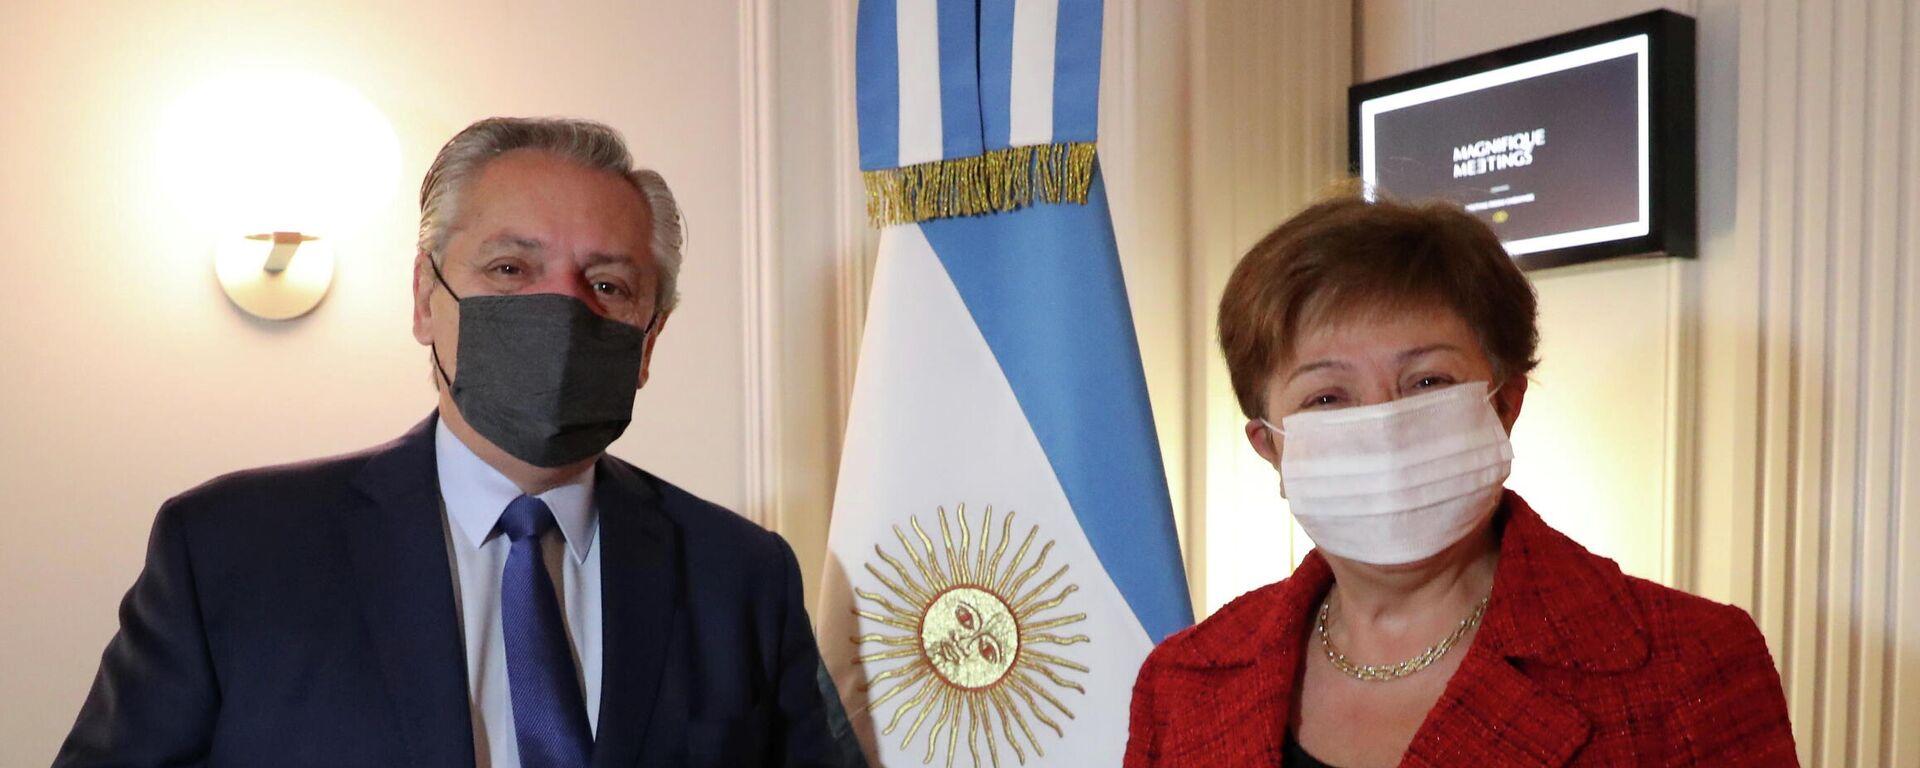 El presidente de Argentina, Alberto Fernández, y la directora gerente del FMI, Kristalina Georgieva - Sputnik Mundo, 1920, 14.05.2021